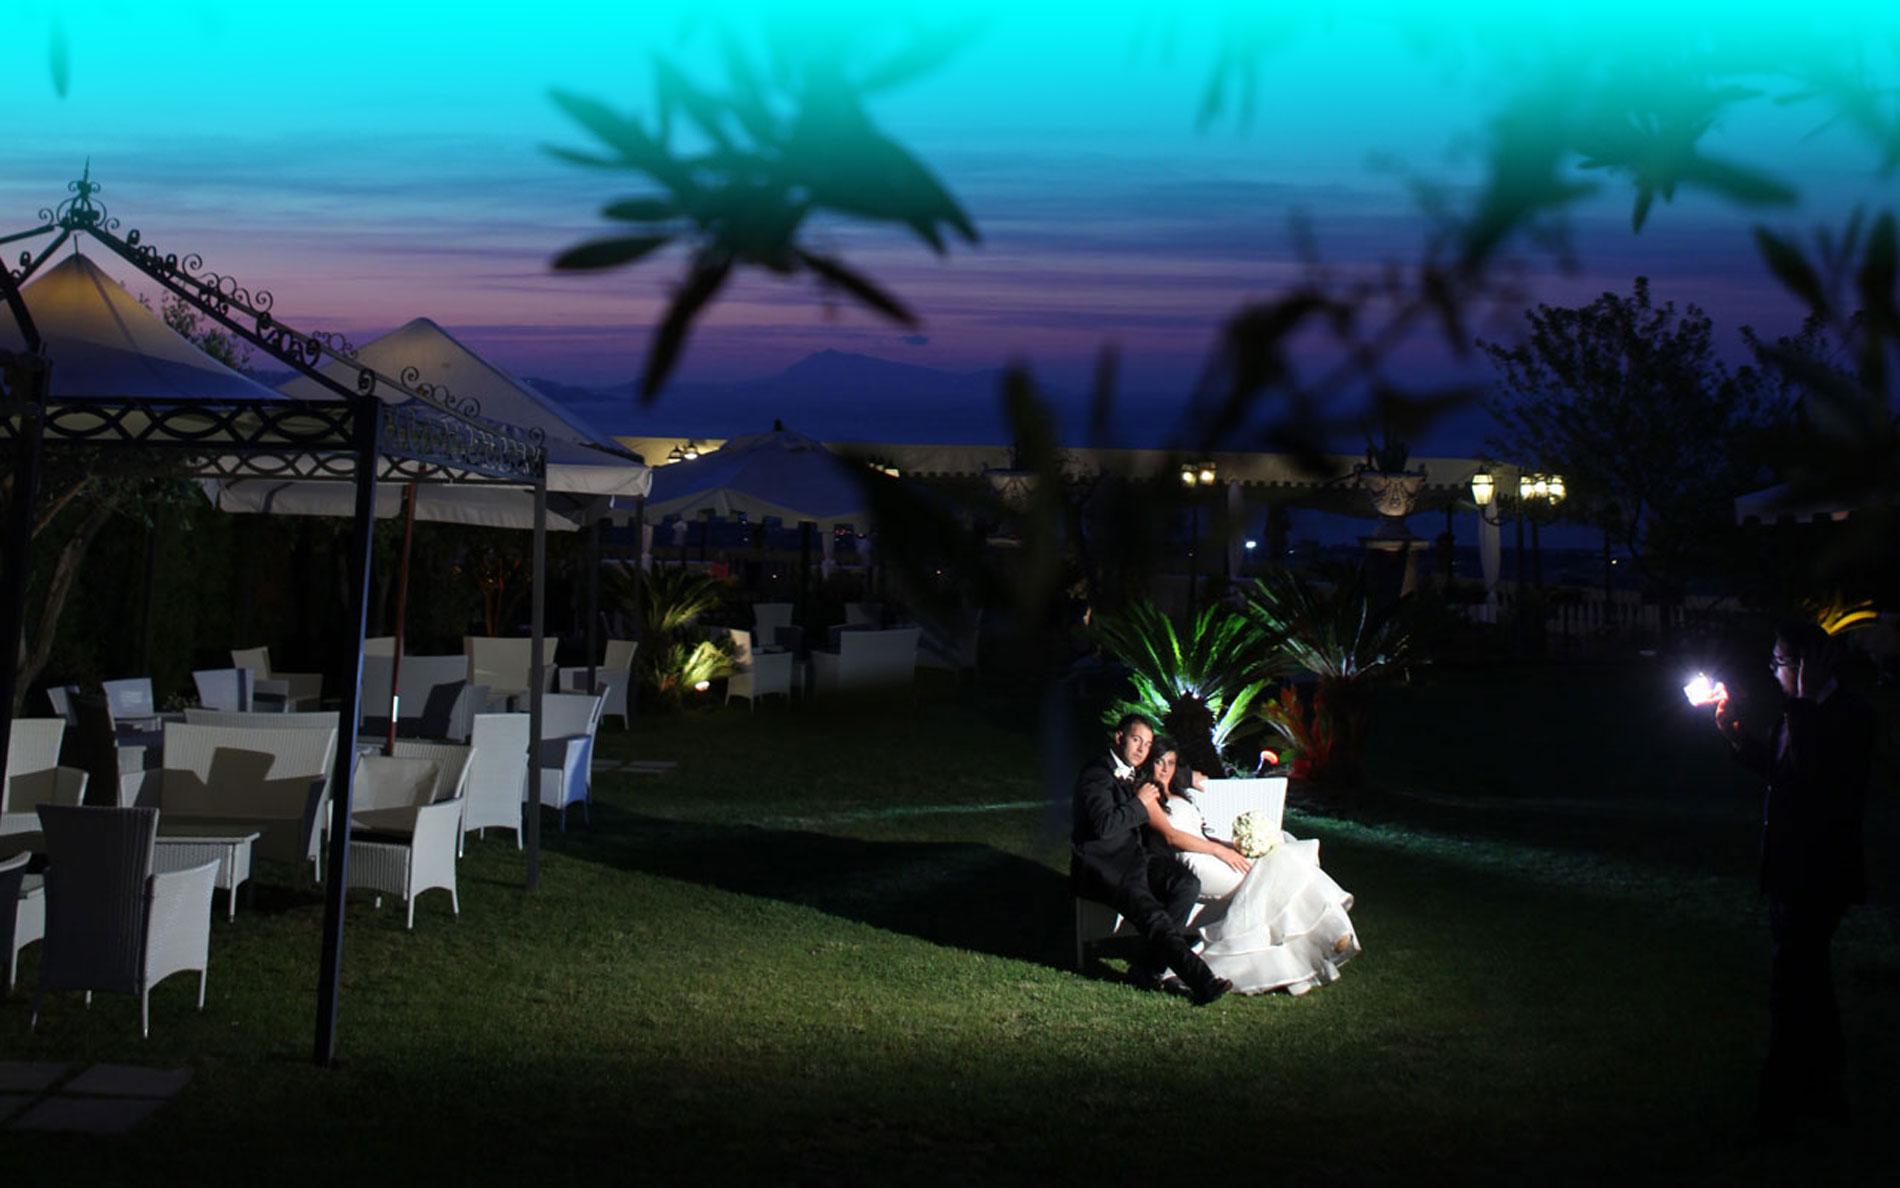 panorama i giardini di cesare ristorante per matrimoni ercolano portici torre del greco napoli